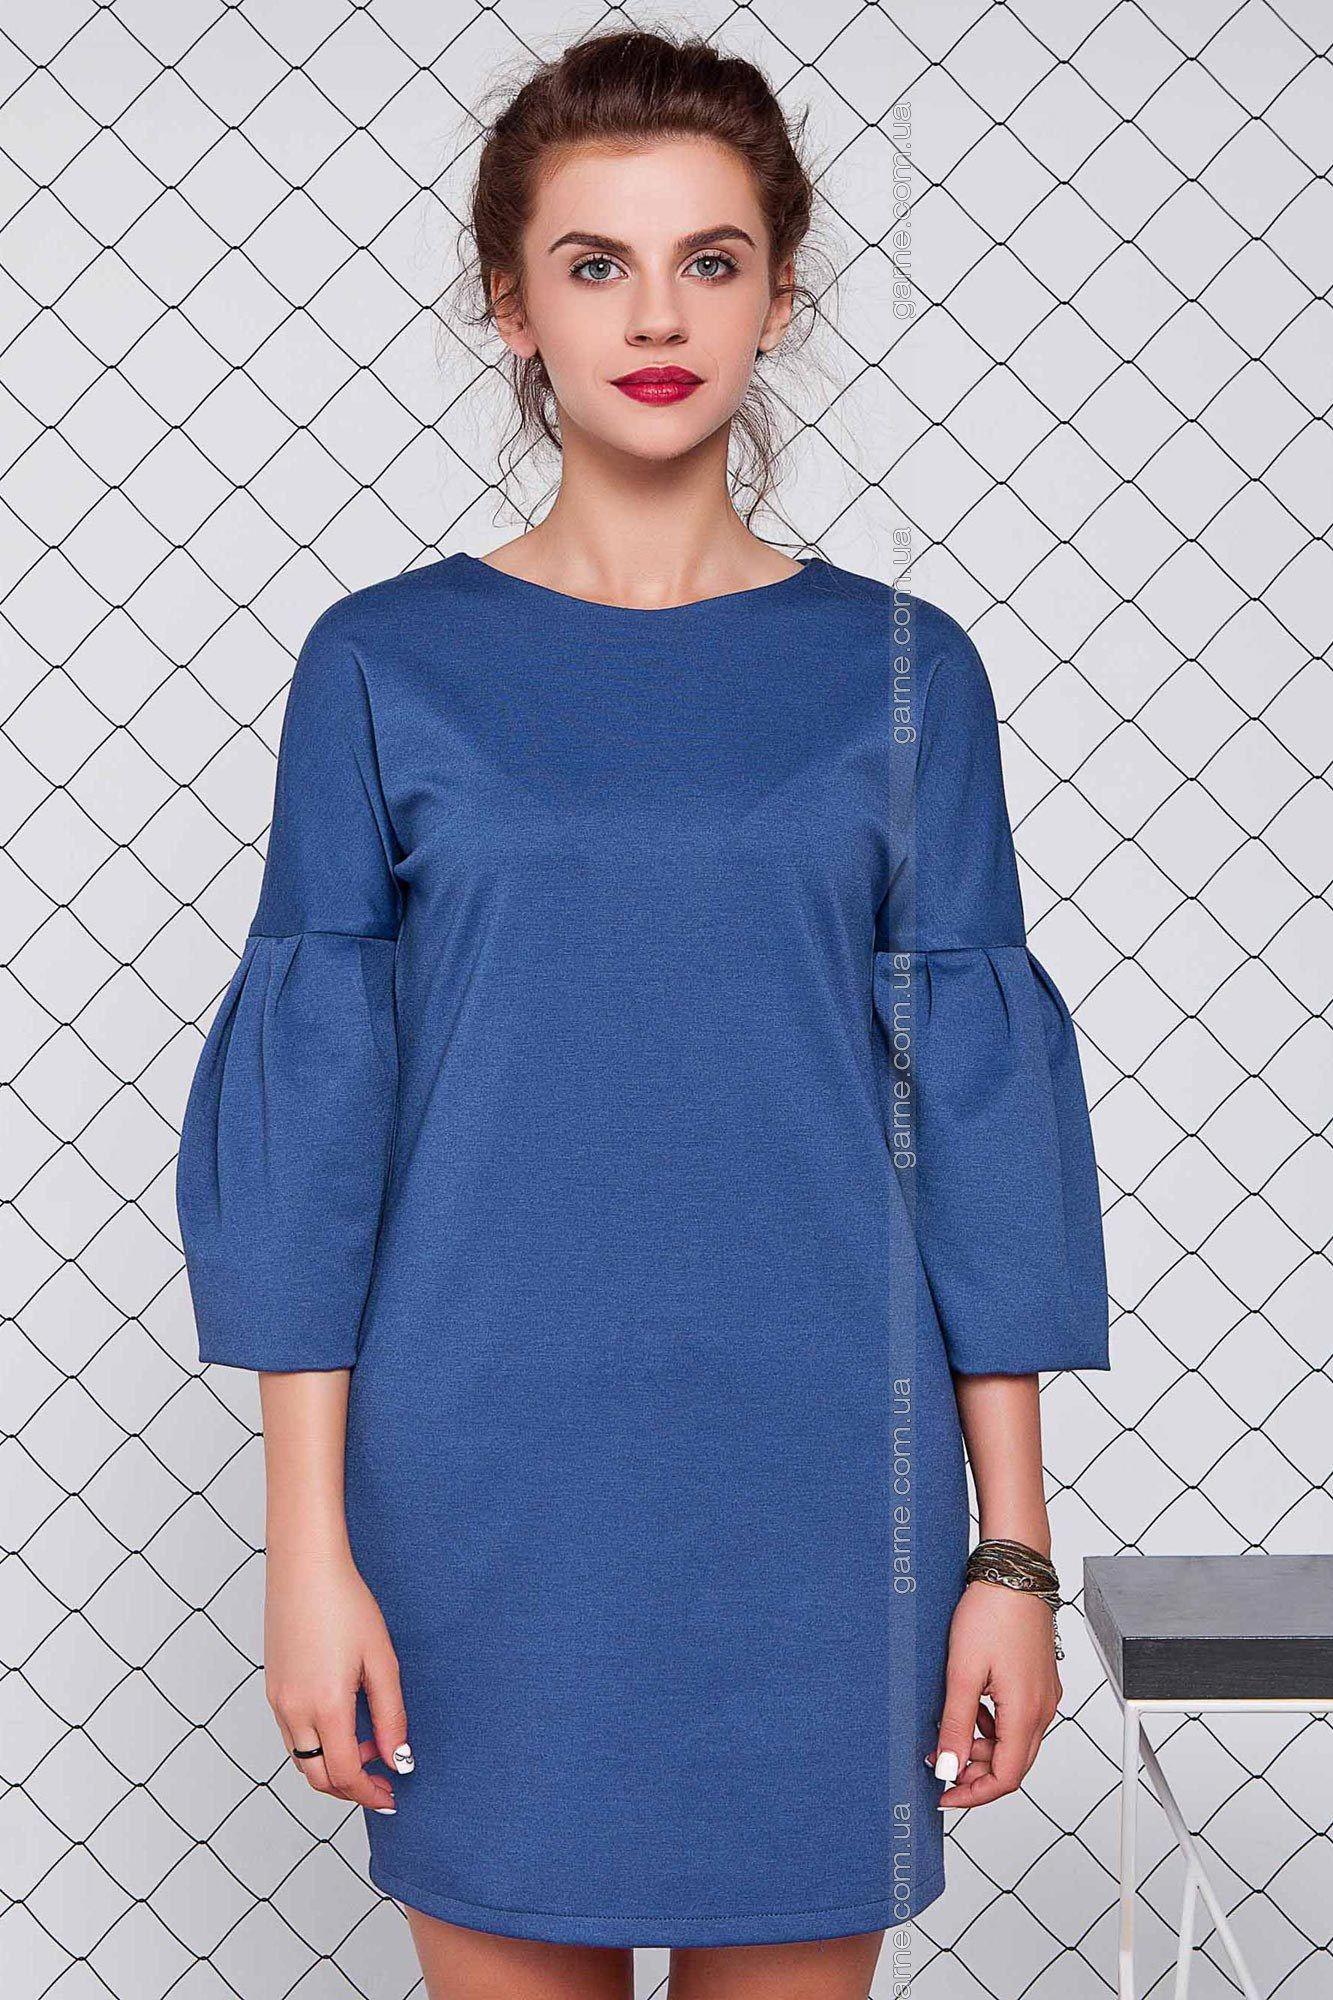 Платье Таурус. Платья. Цвет: синий. #3019349